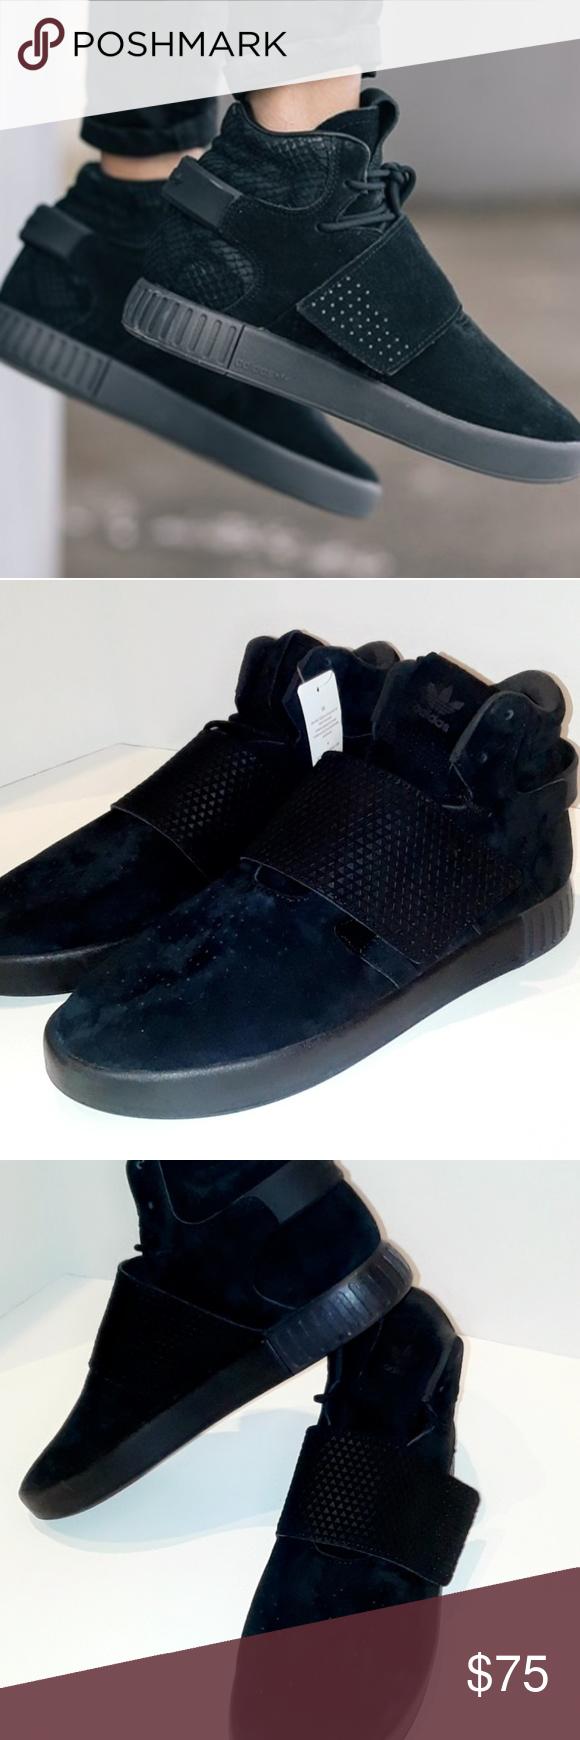 Adidas tubulare invasore cinghia tutta nera scarpe nwt penna d'argento